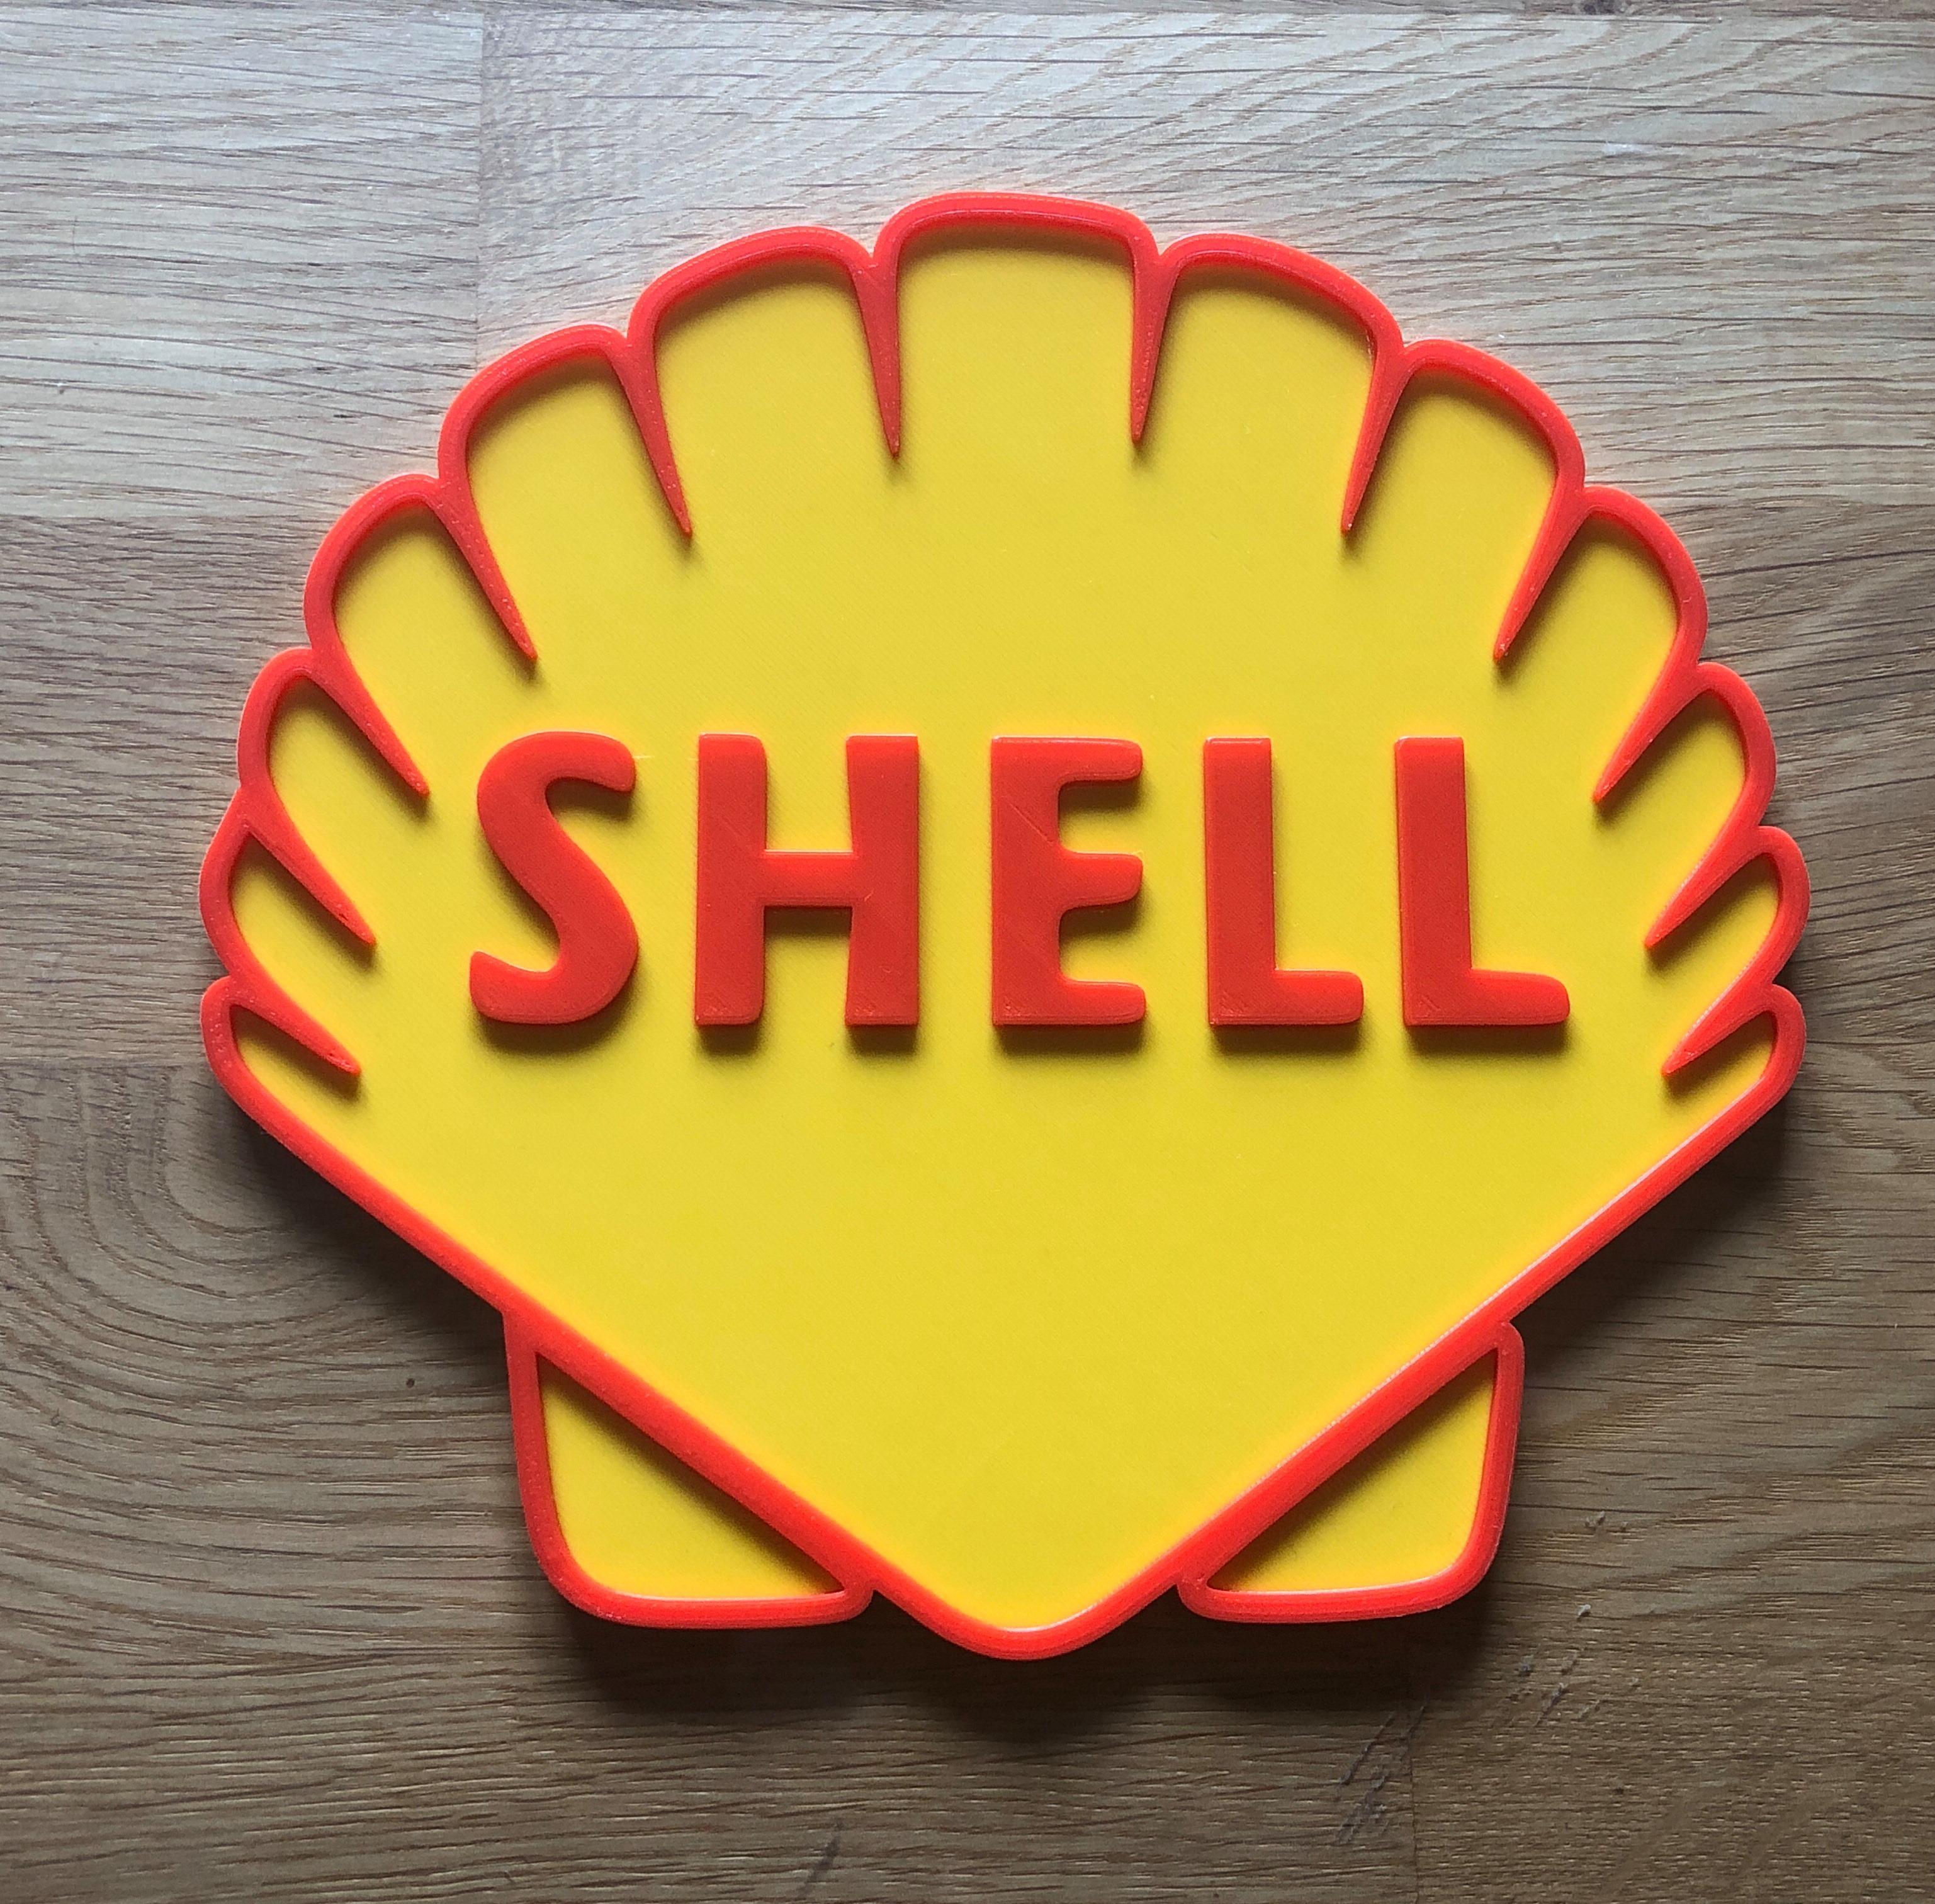 71333391_383032832598582_3667696032612876288_n.jpg Télécharger fichier STL gratuit plaque shell • Modèle pour impression 3D, fantibus14